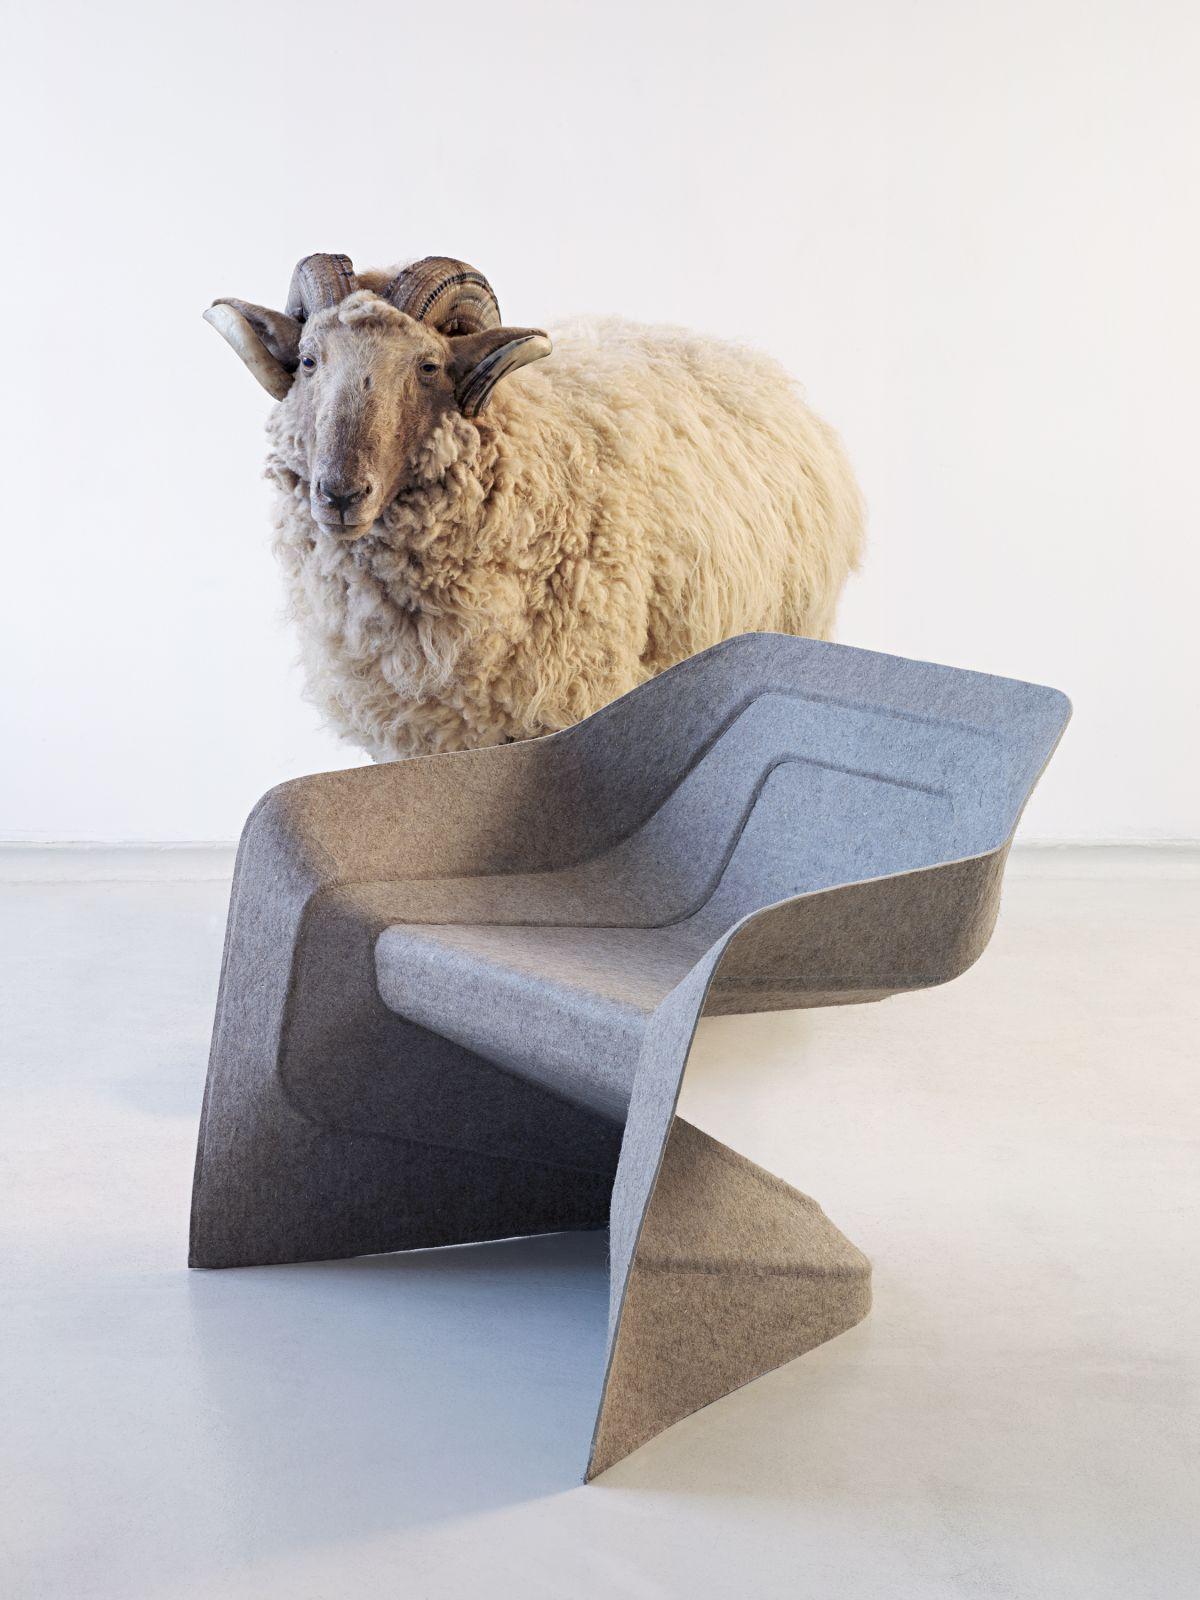 Hemp Chair de Werner Aisslinger